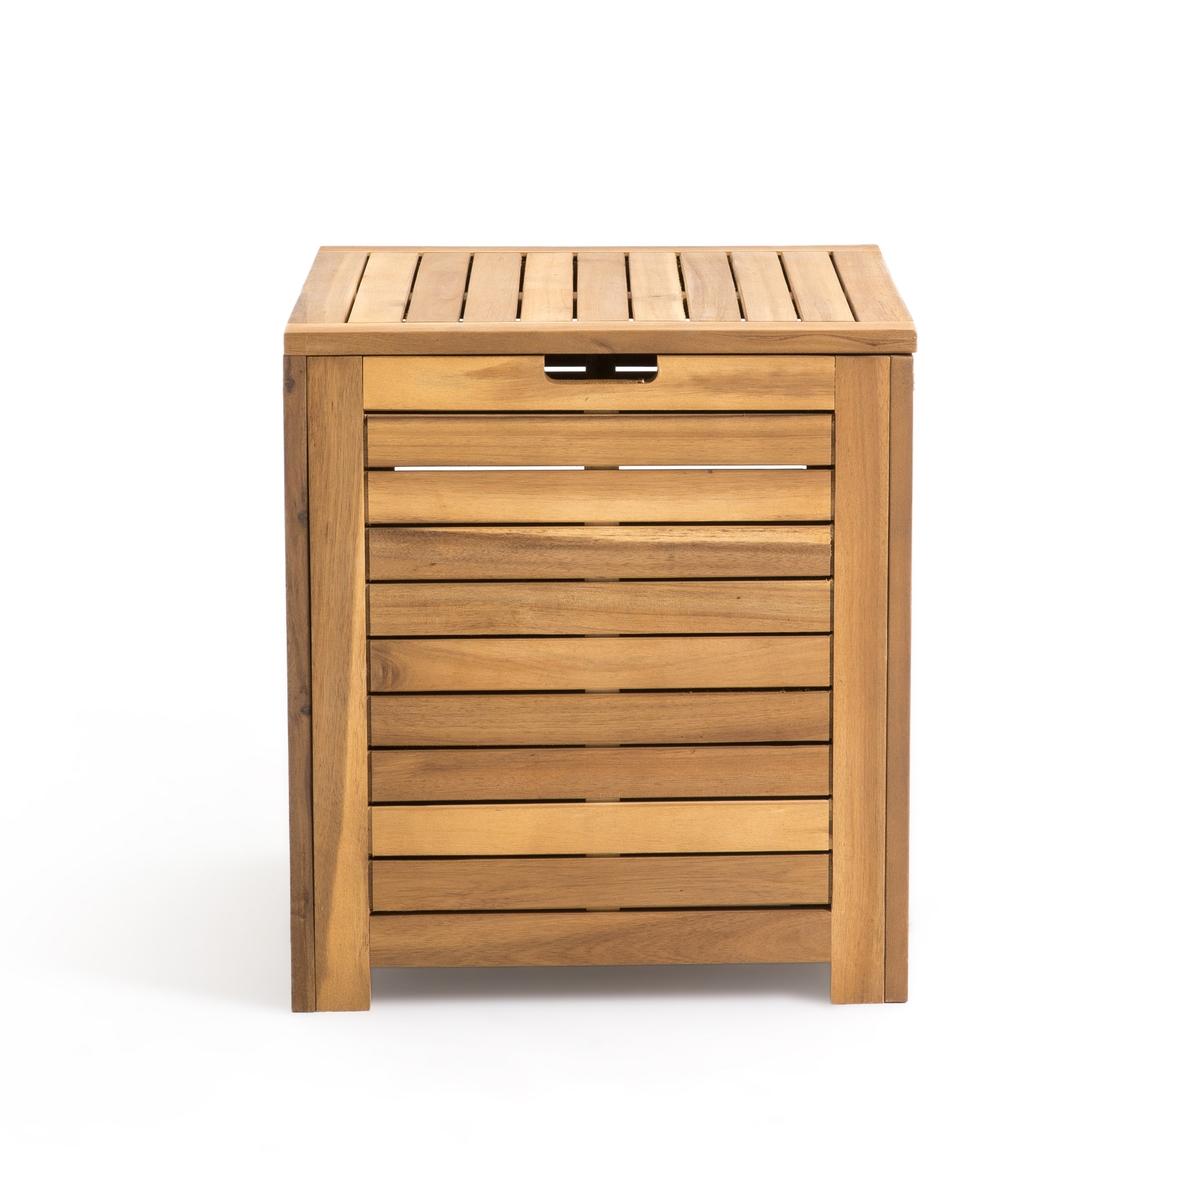 Ящик La Redoute Для вещей из акации Дл см единый размер желтый стол из акации dakota